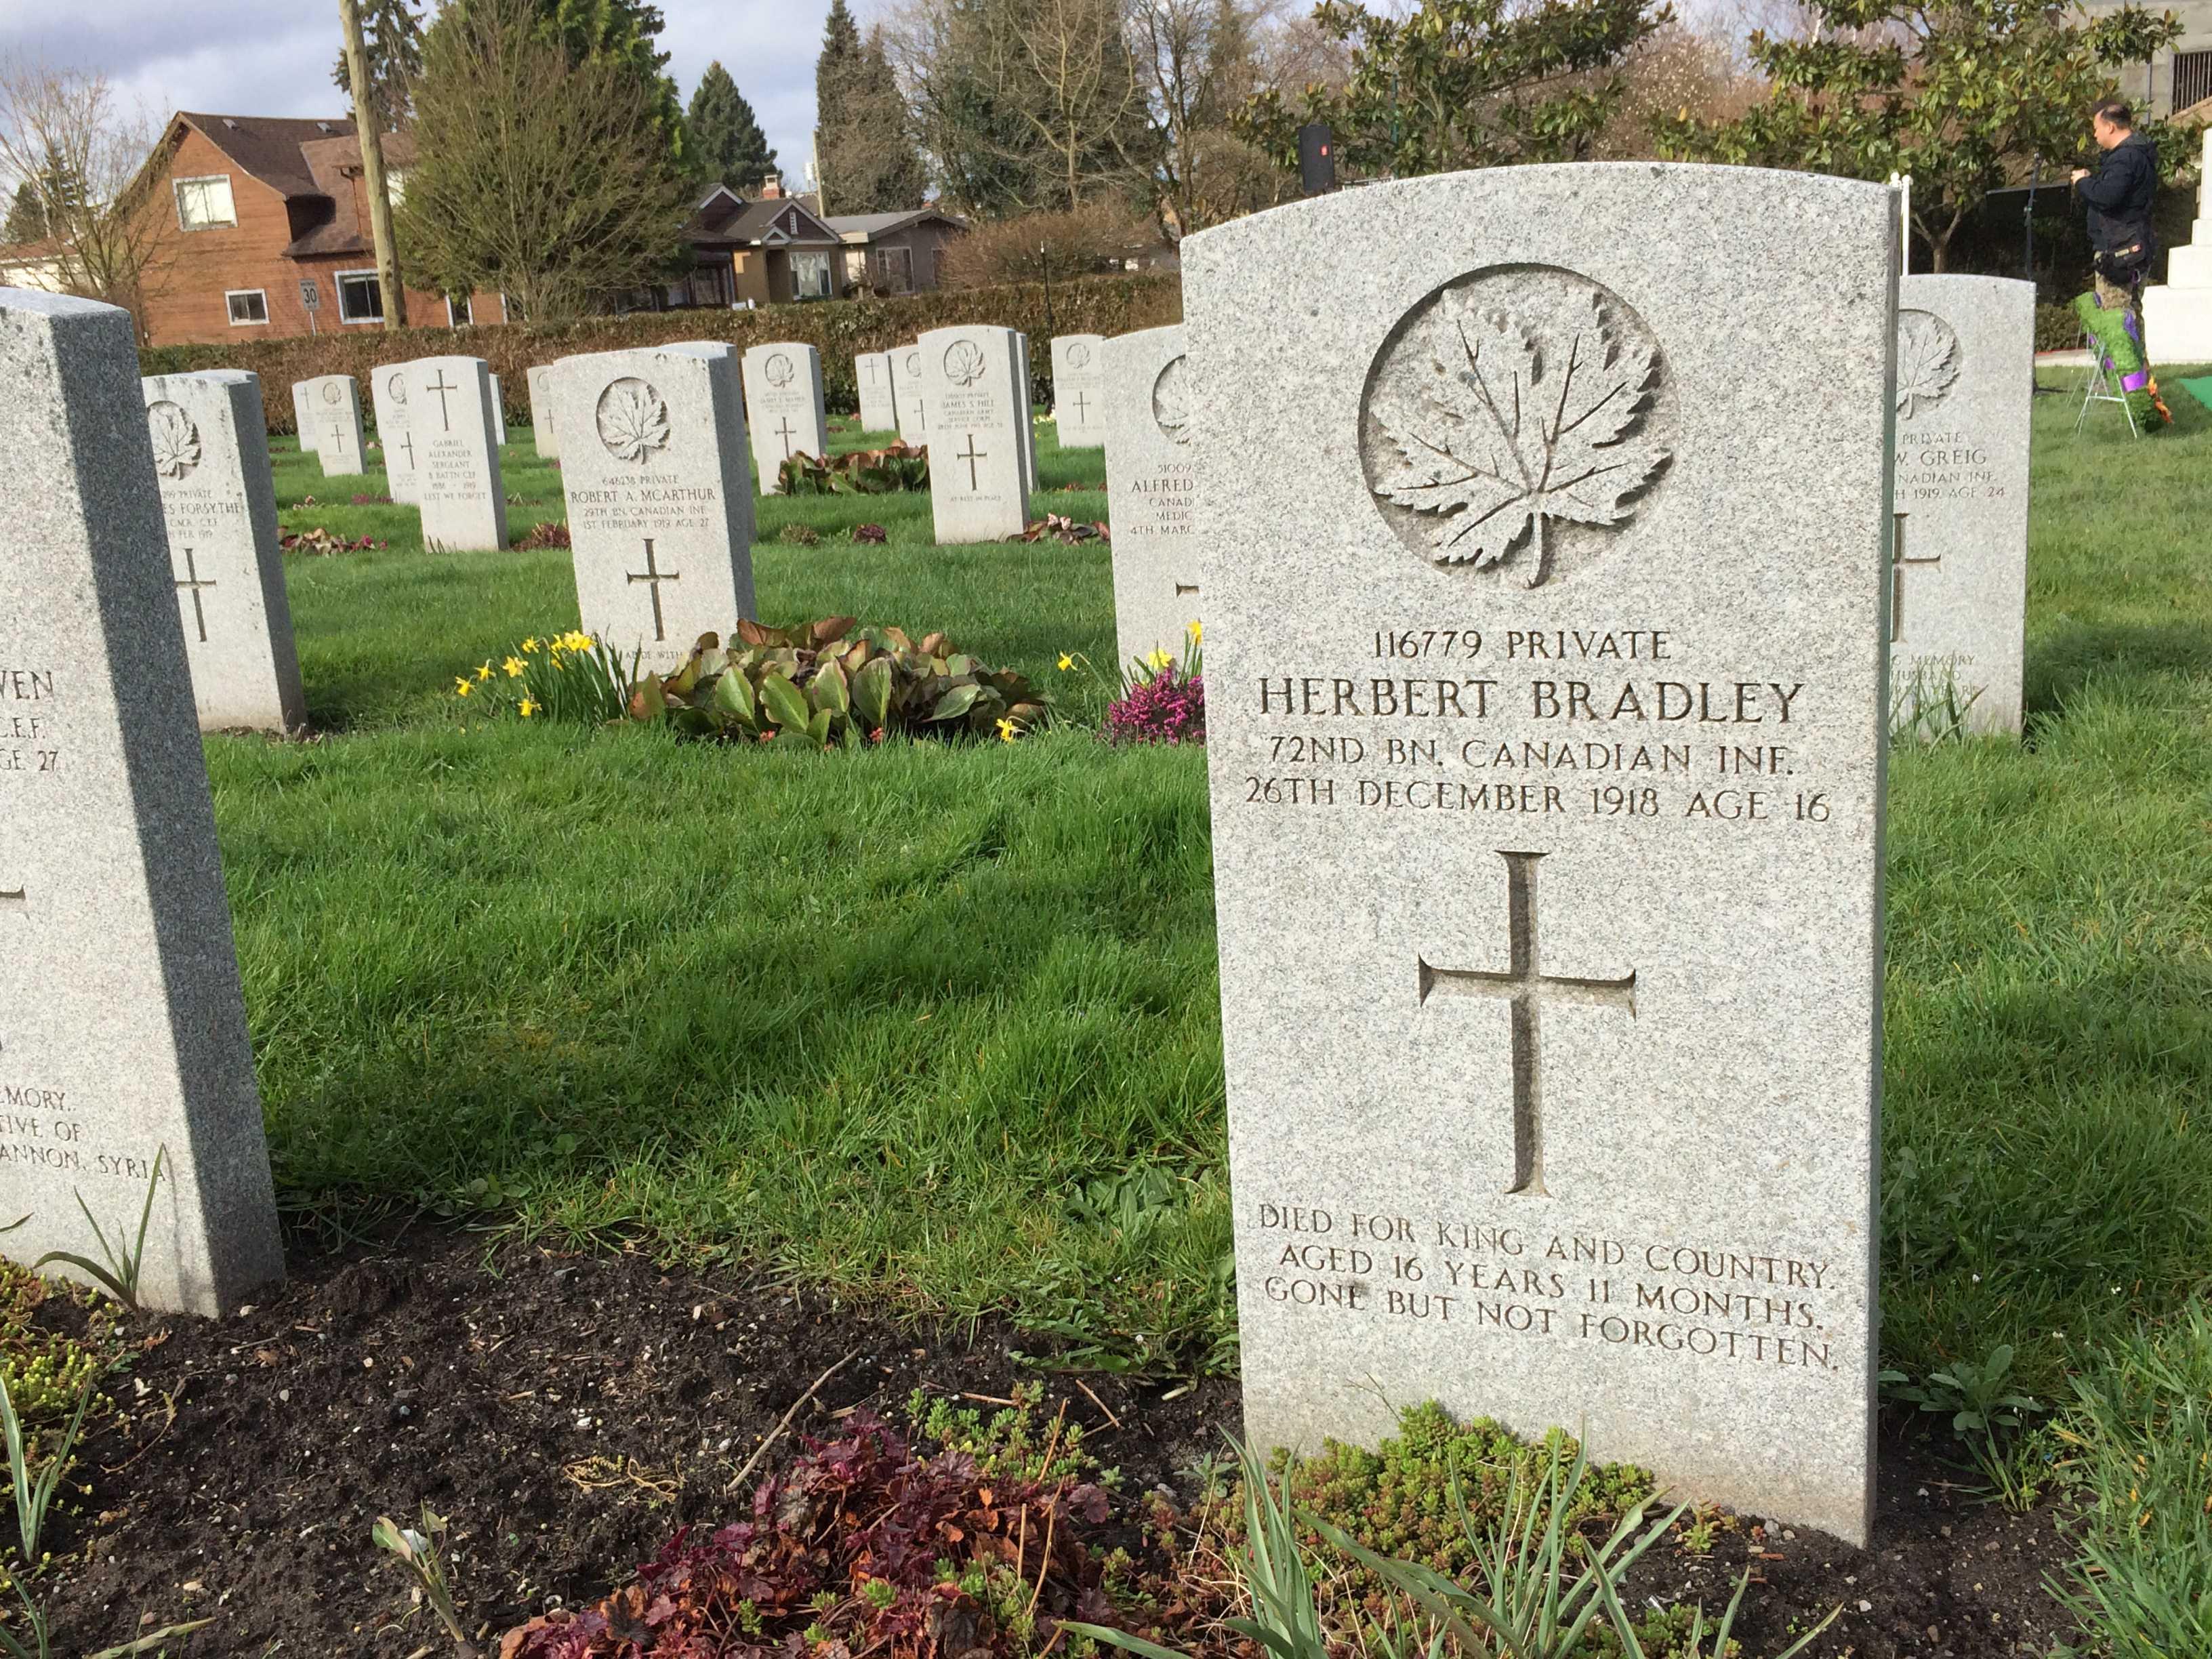 Grave Marker– Grave of 116779 Pte Herbert Bradley, 72nd Battalion, Seaforth Highlanders of Canada